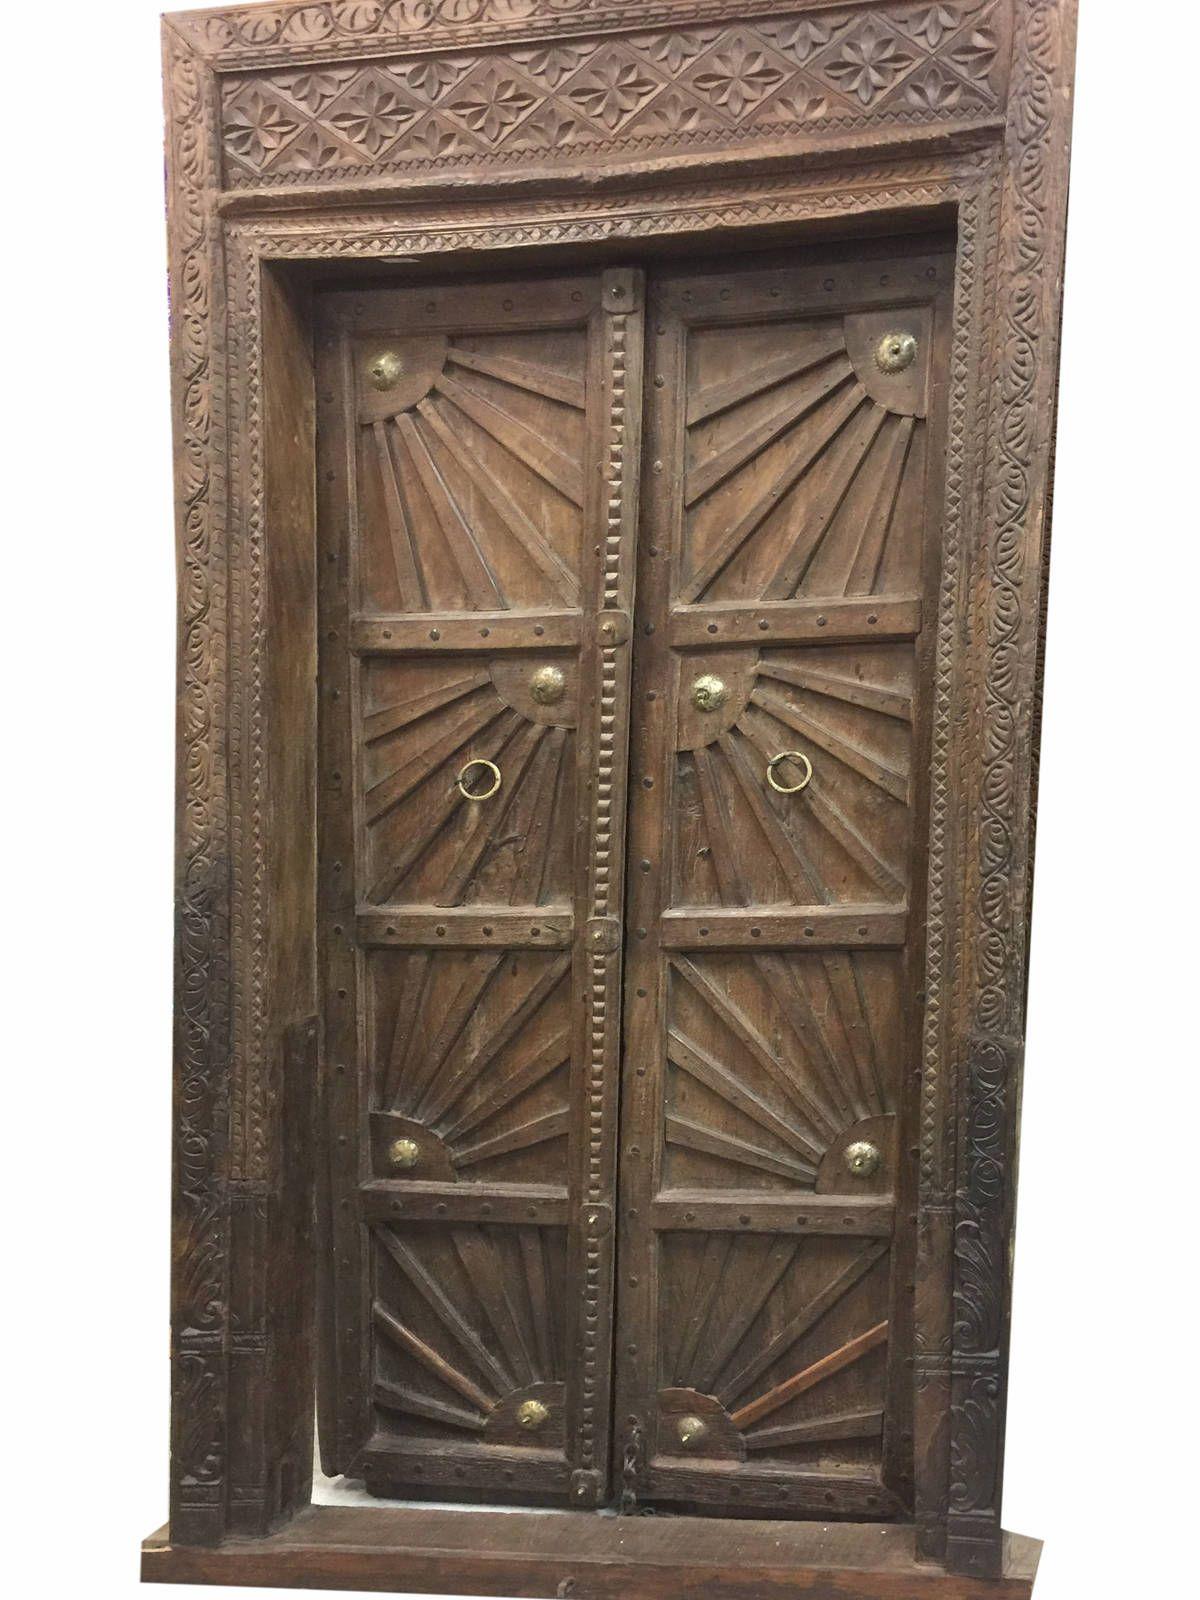 UNIQ Conscious Architecture Design SURYA SHAKTI SunRays Farmhouse Antique  Indian Doors Hand Carved Haveli Teak Wood - Hotel Design Conscious Architecture Design SURYA Sun Rays Farmhouse